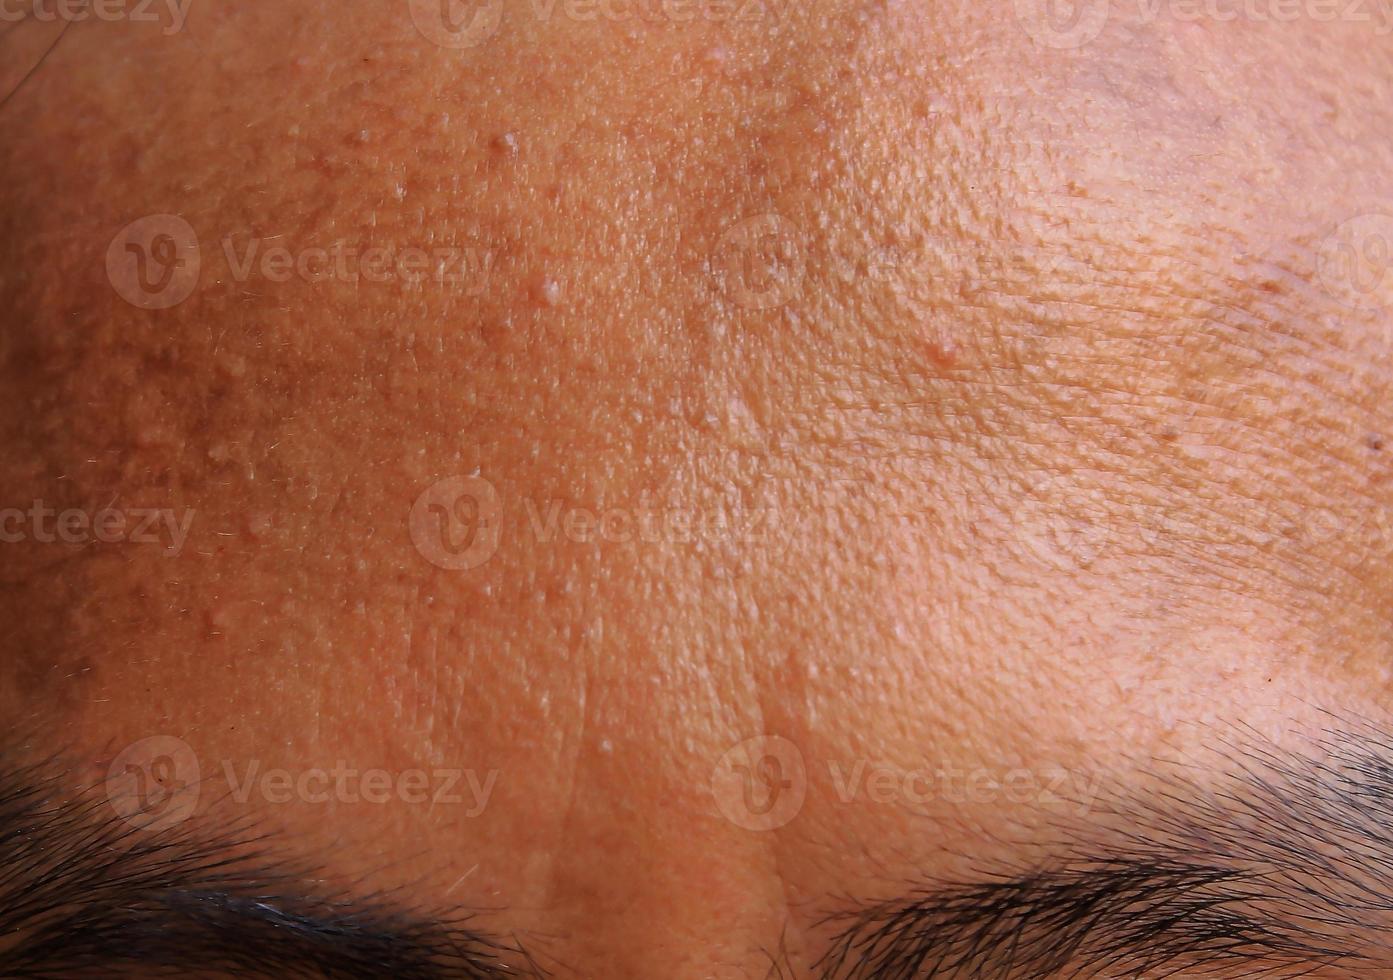 acne voorhoofd foto